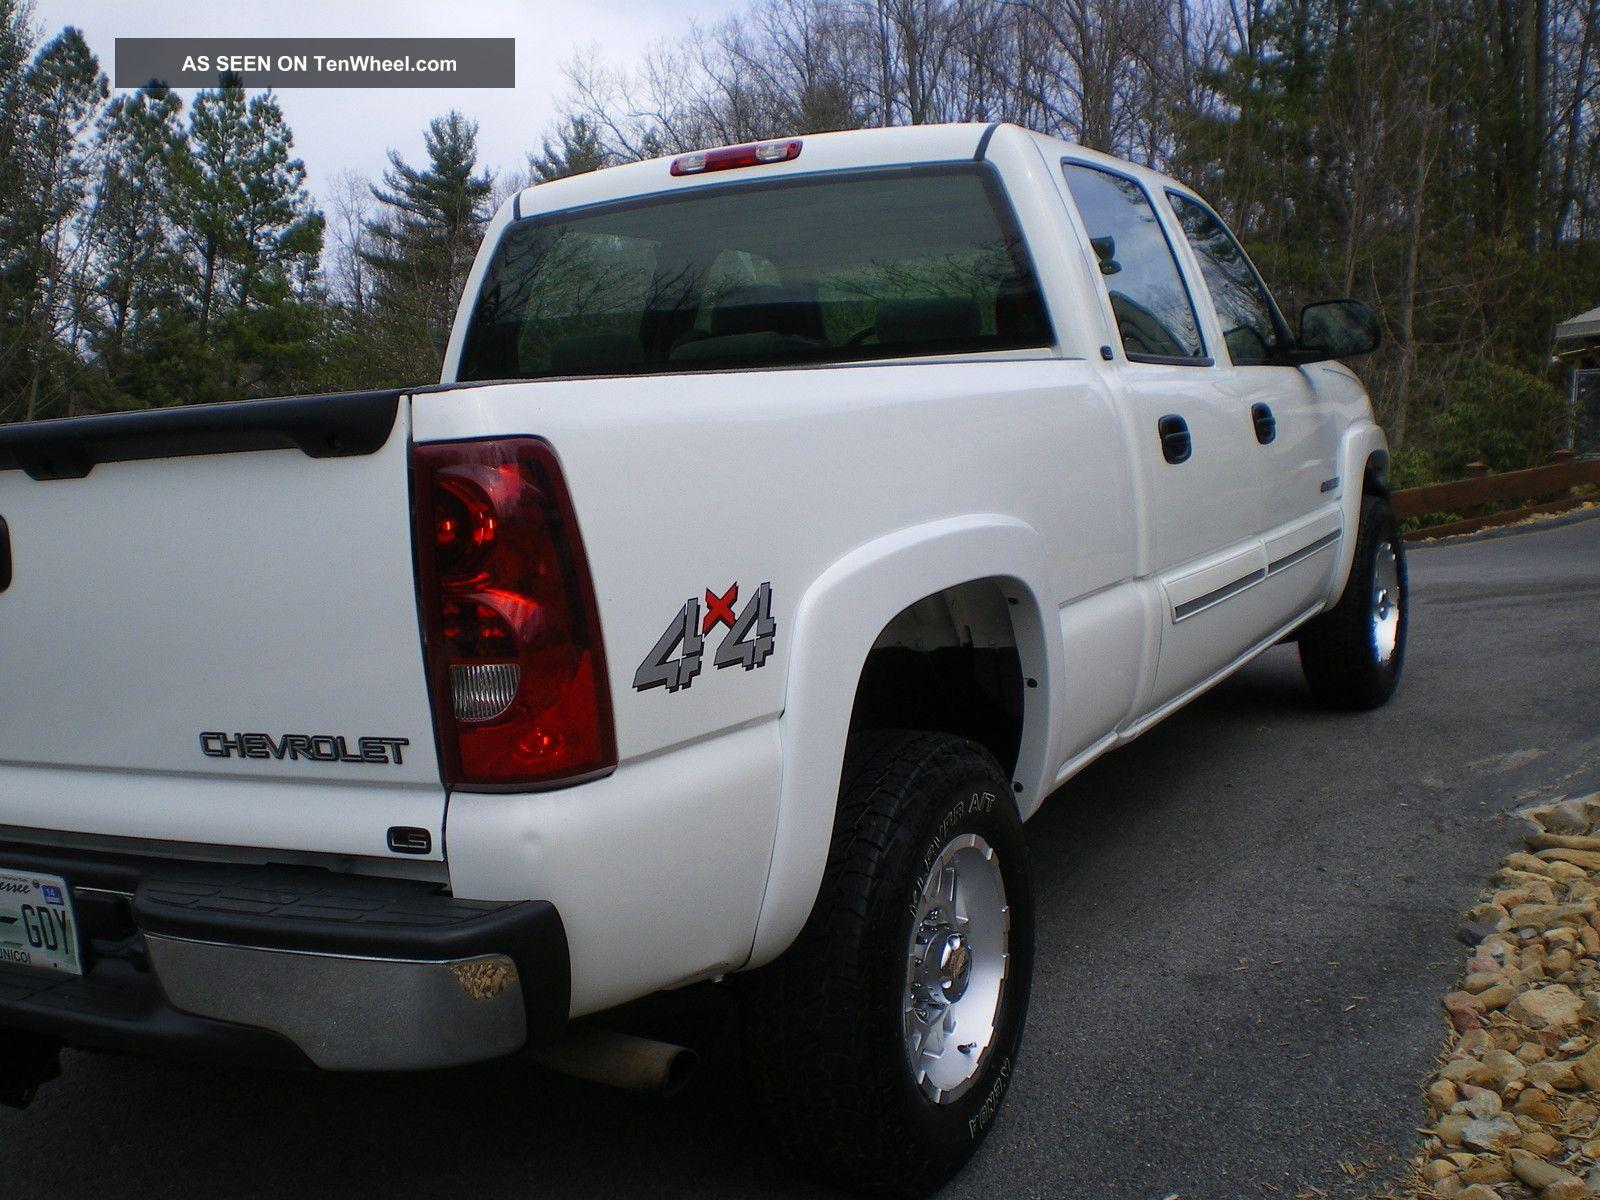 2003 chevrolet silverado 1500 hd ls crew cab pickup 4 door 6 0l 4x4. Black Bedroom Furniture Sets. Home Design Ideas